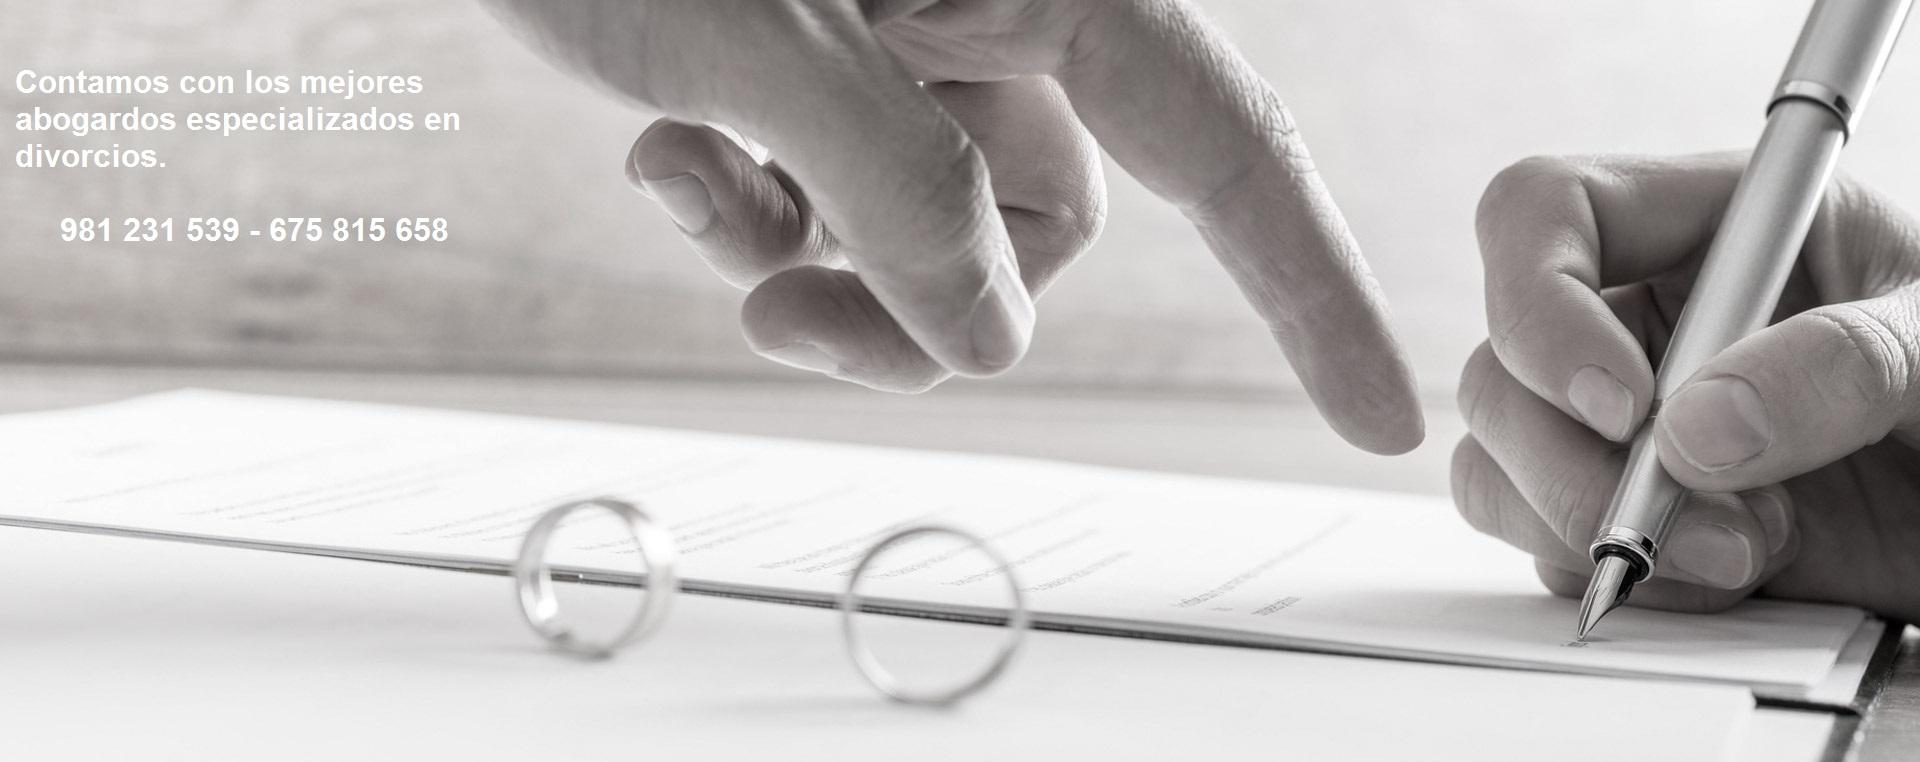 abogados divorcios y separaciones en coruyña